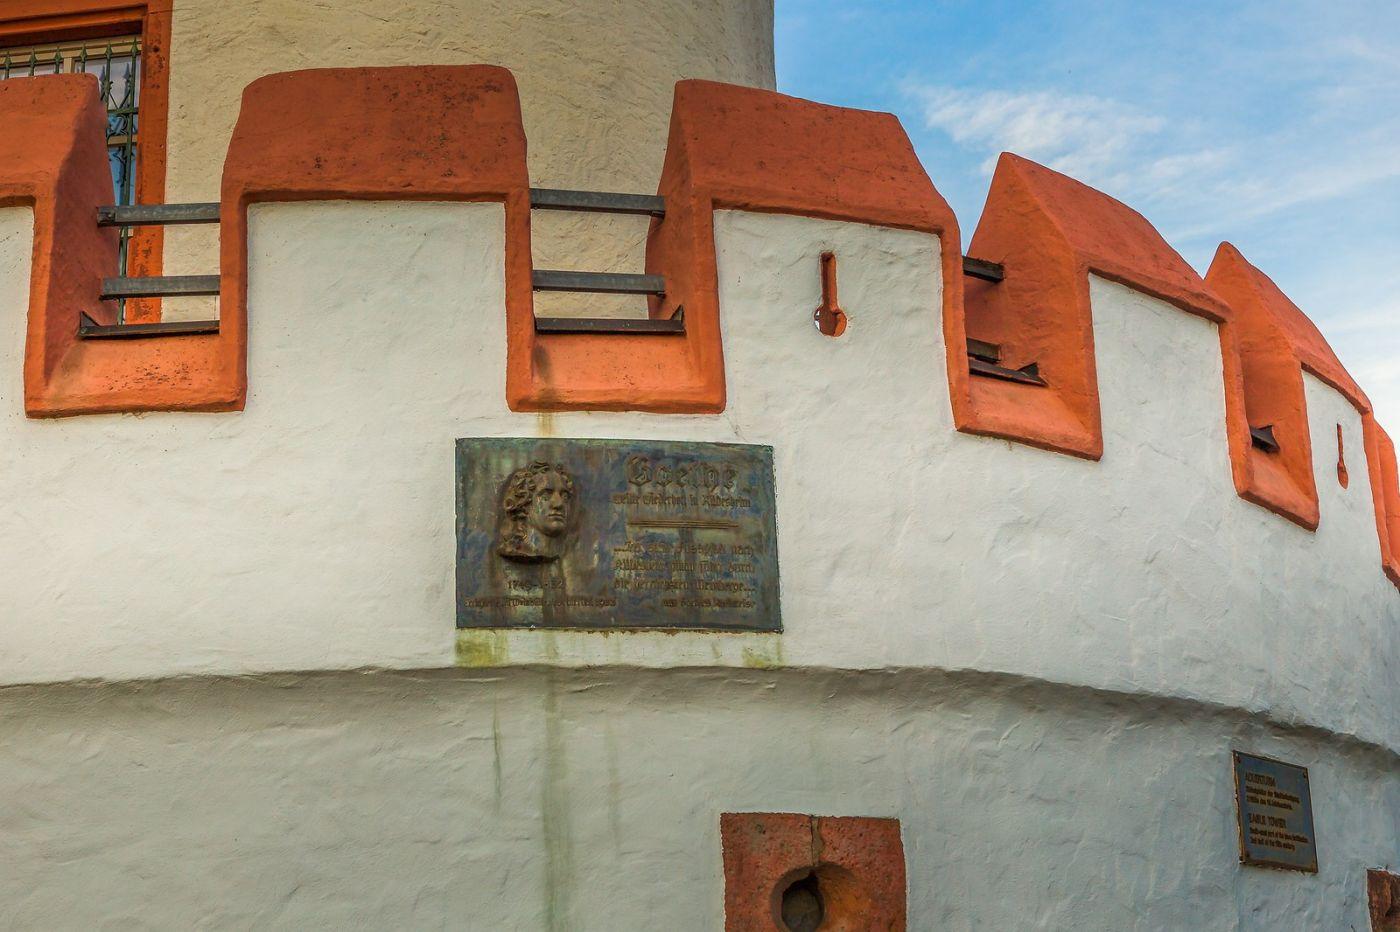 德国吕德斯海姆(Rudesheim),莱茵河畔的小镇_图1-29